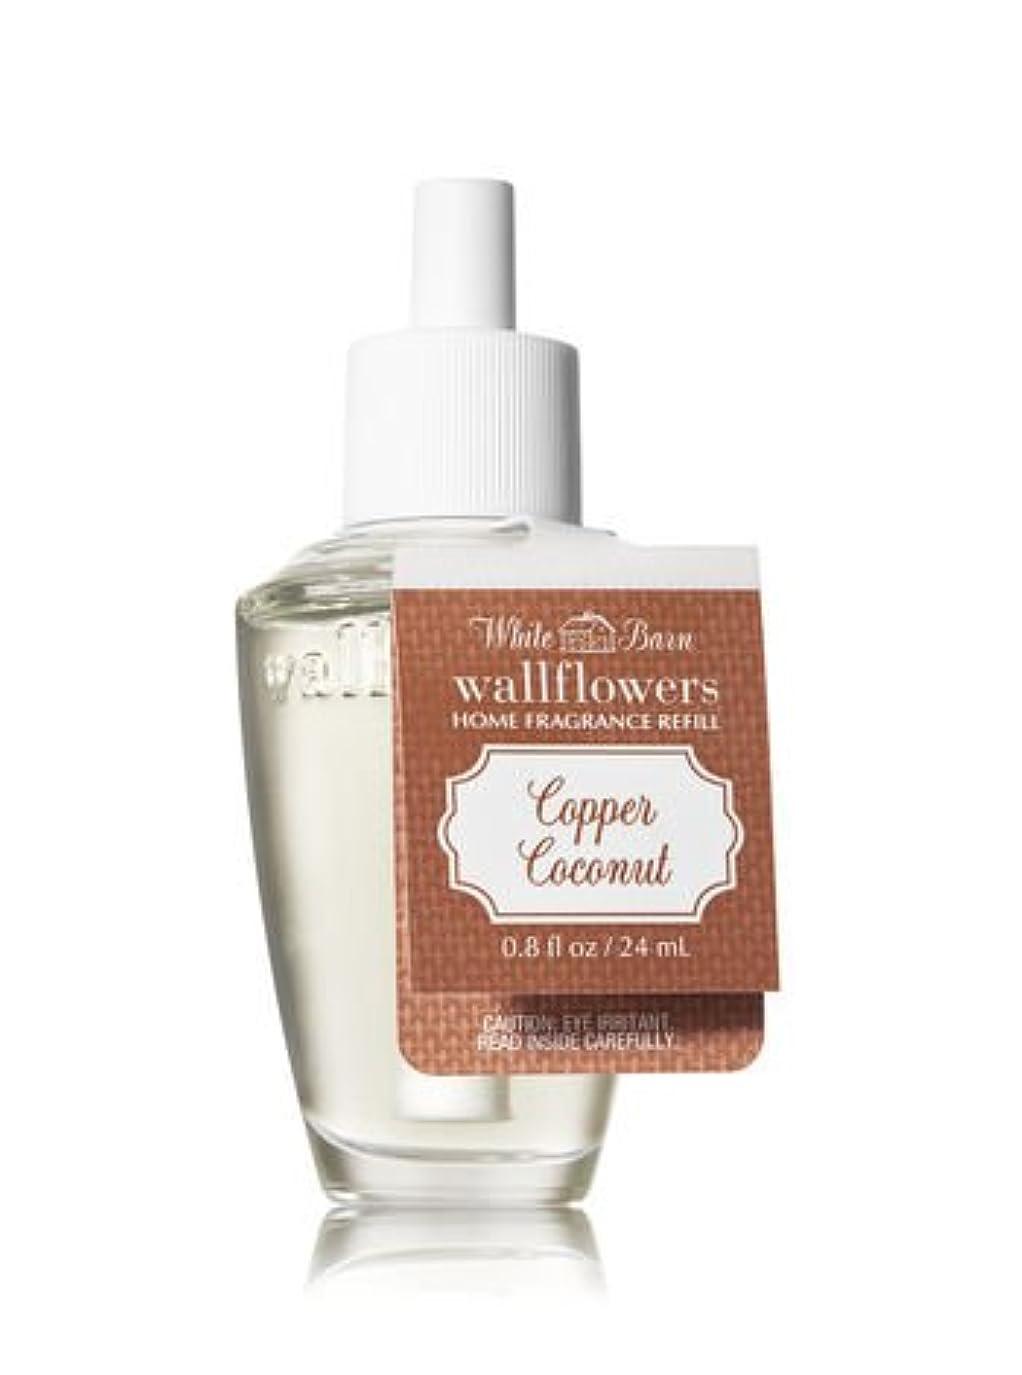 弱いコンプリート中性【Bath&Body Works/バス&ボディワークス】 ルームフレグランス 詰替えリフィル コッパーココナッツ Wallflowers Home Fragrance Refill Copper Coconut [並行輸入品]